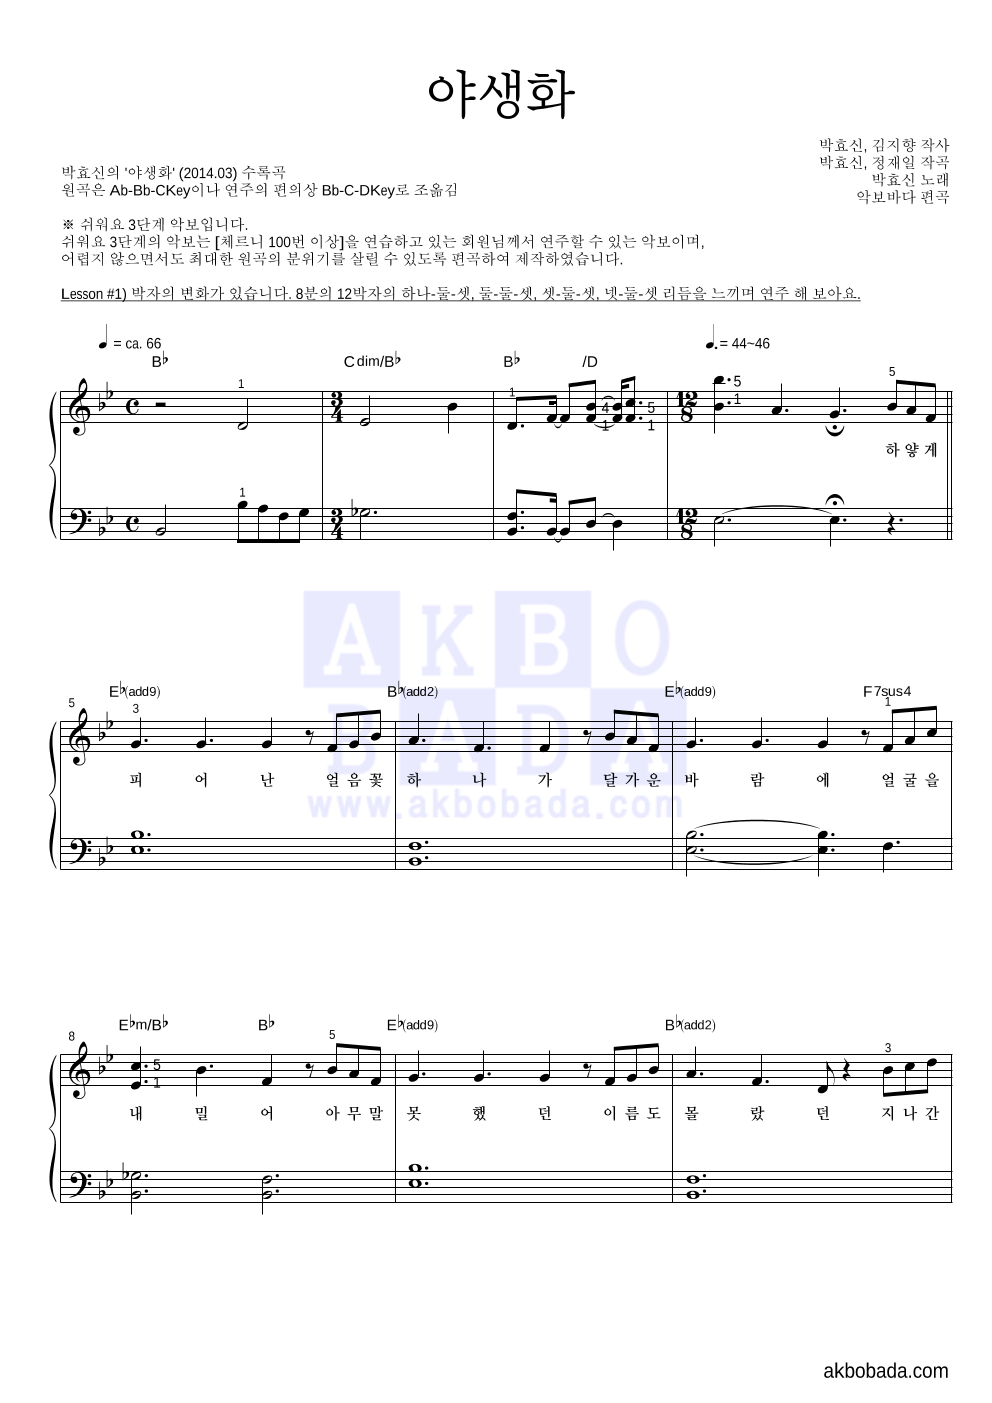 박효신 - 야생화 피아노2단-쉬워요 악보